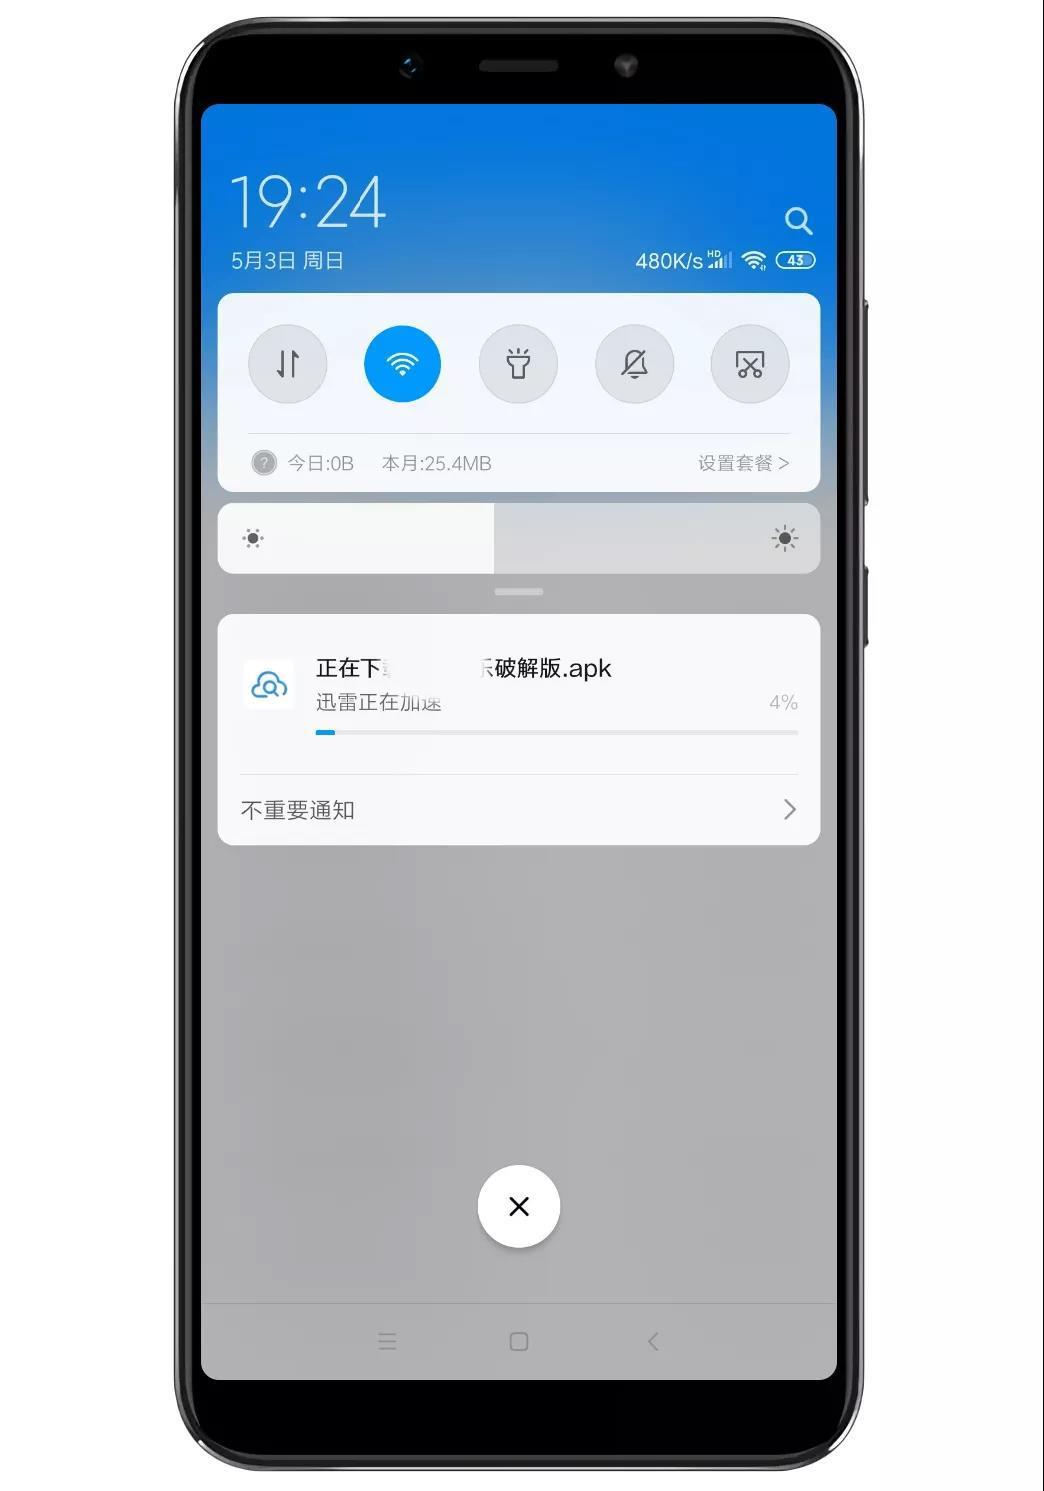 5fb515f4b18d627113658166 安卓端的蓝奏云资源搜索器--蓝瘦(安卓)